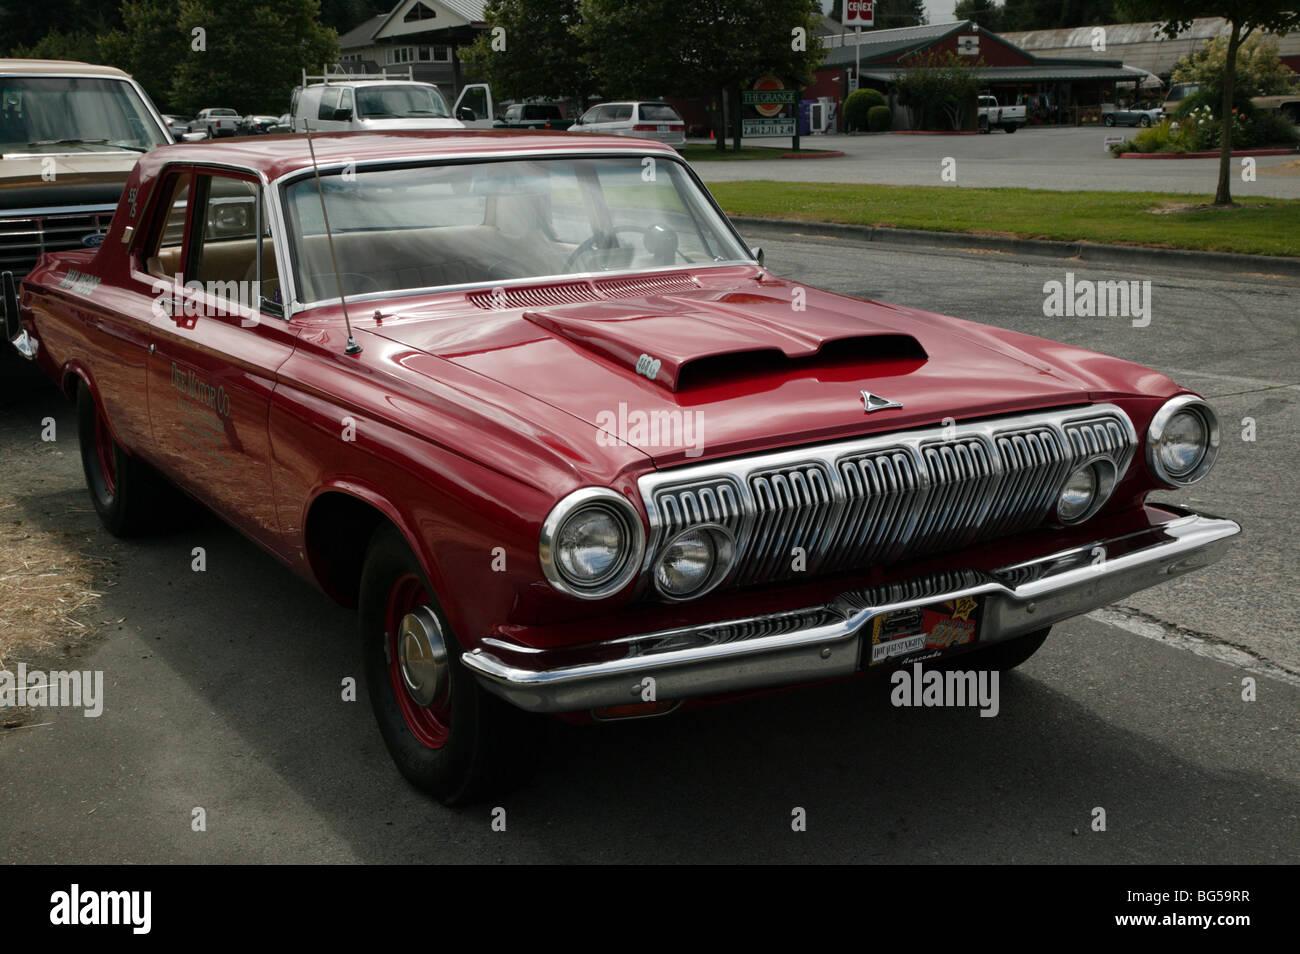 Vorderansicht Eines 60er Jahre Dodge 330 Max Wedge Limousine Auf Der 1964 North West Muscle Car Show Xxx Rootbeer Drive In Issaquah